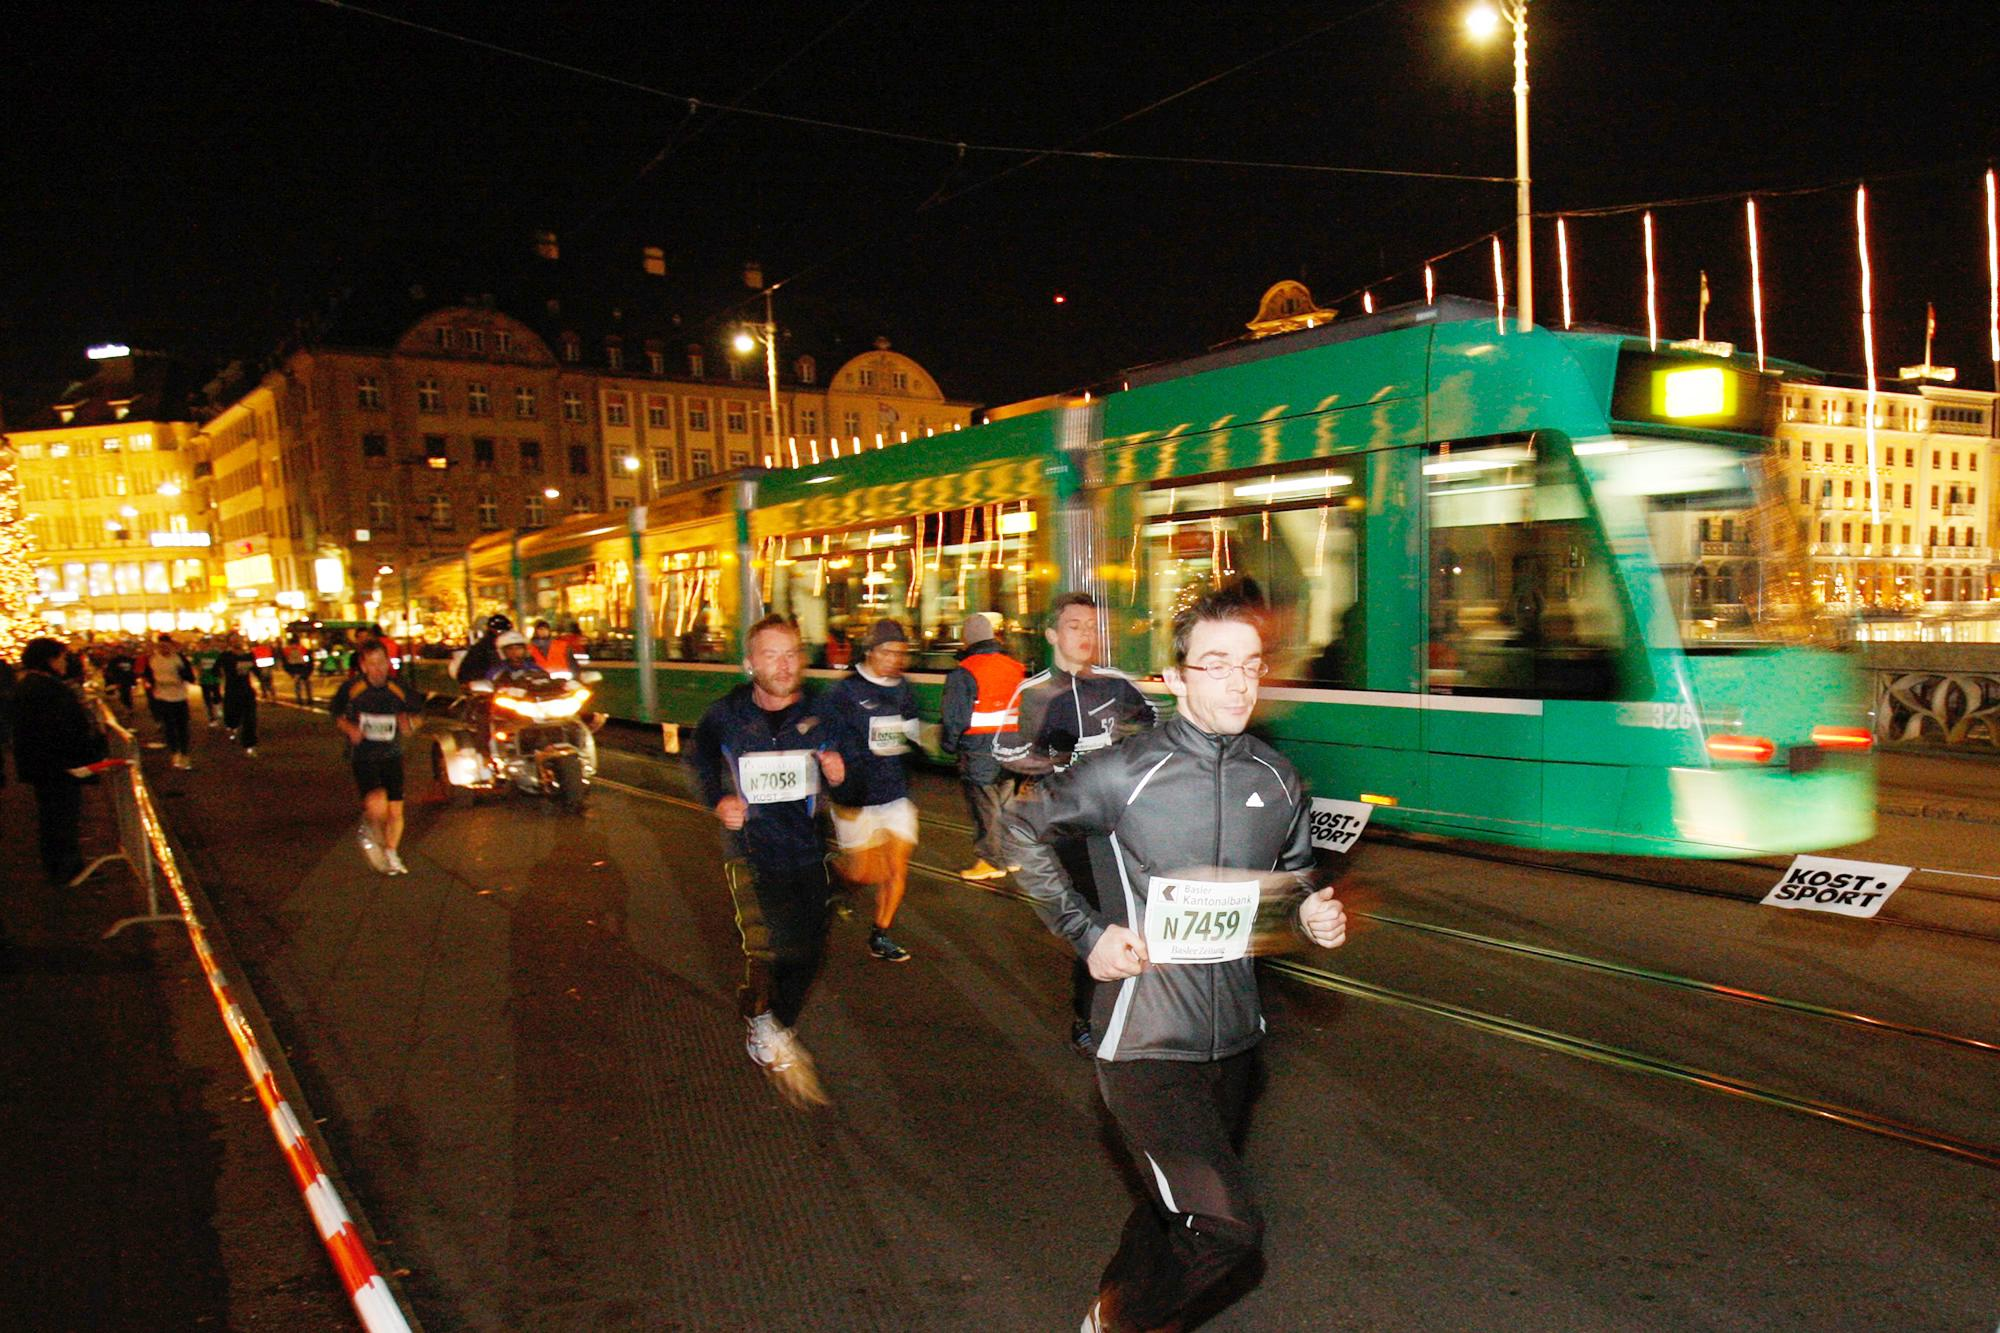 Teilnehmer des Basler Stadtlaufs auf dem Weg in Richtung Rheingasse.